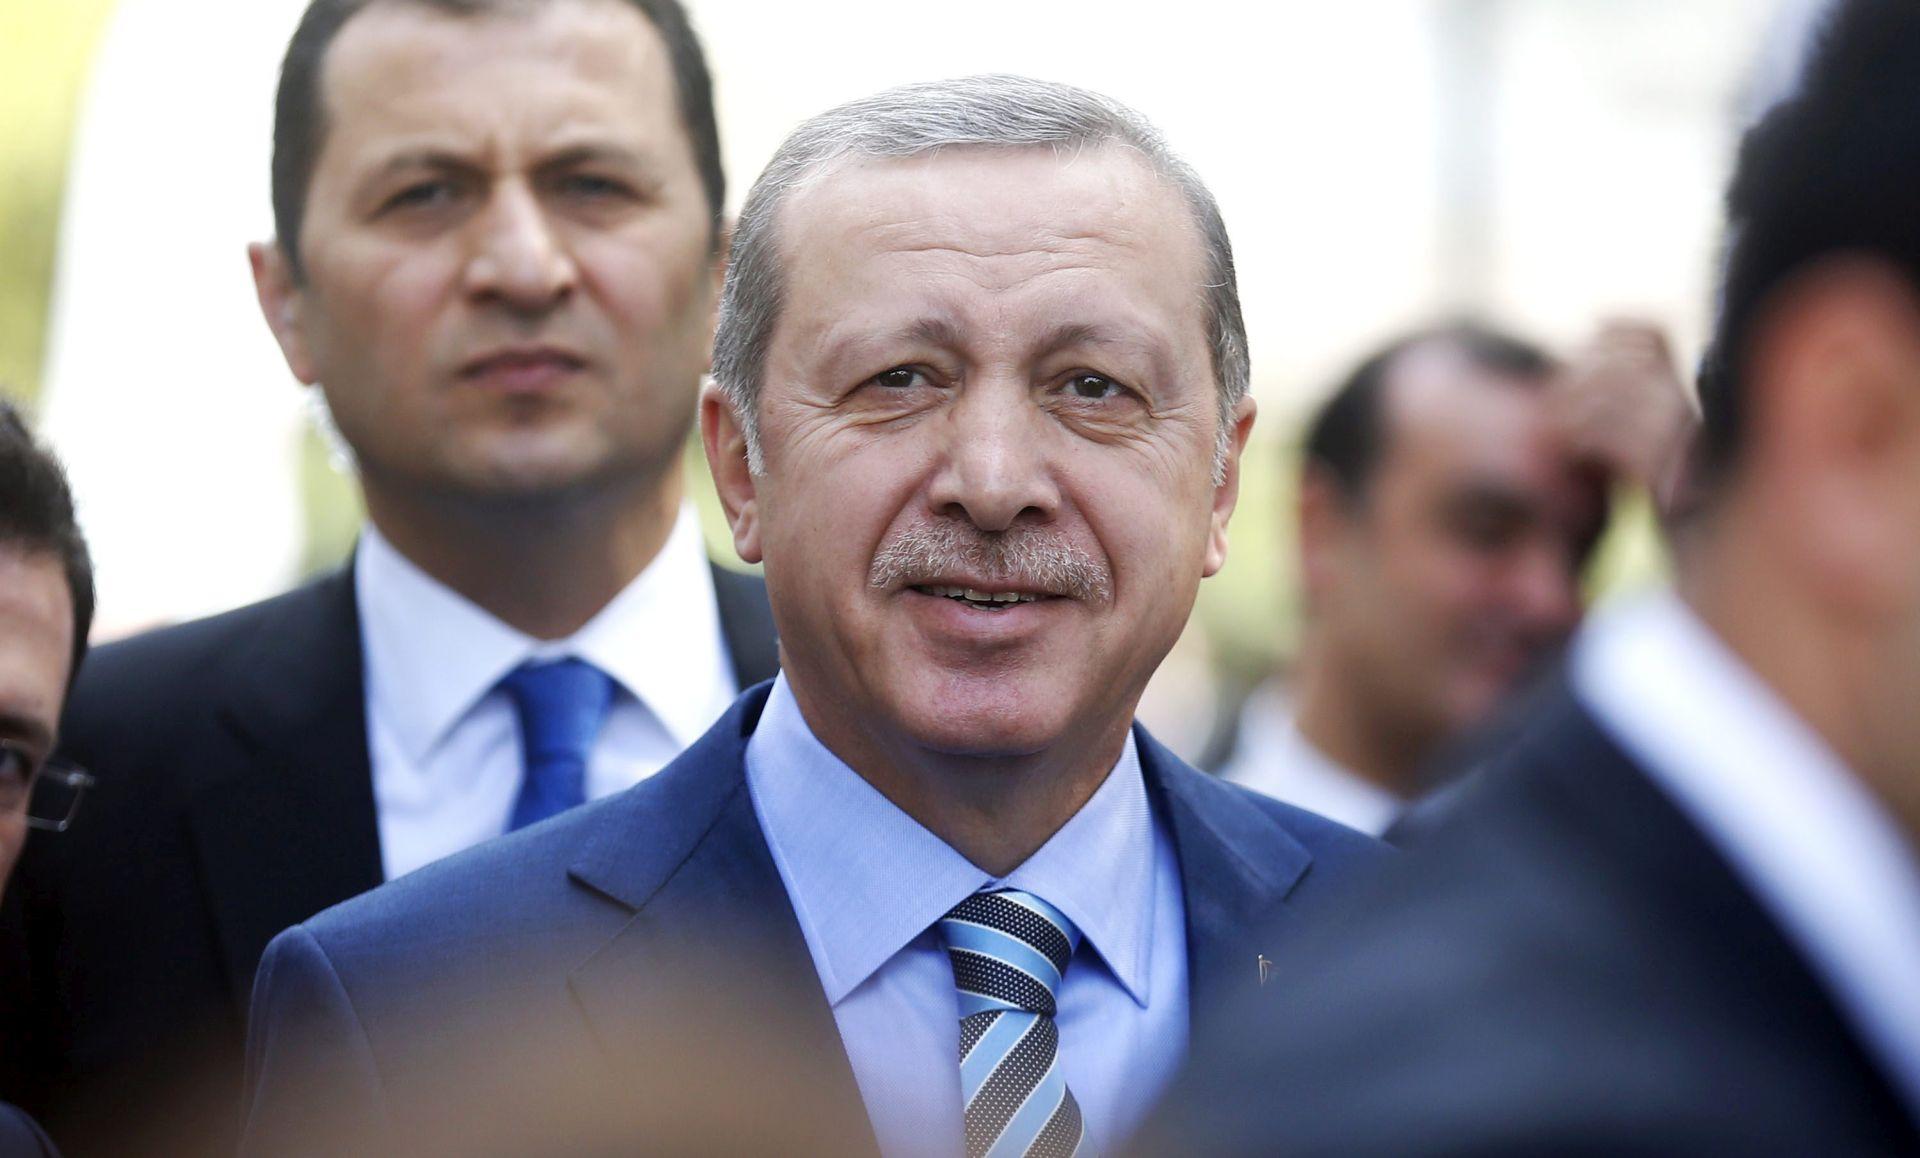 GRČKI IZVORI TVRDE Erdogan zaprijetio da će Europu preplaviti migrantima